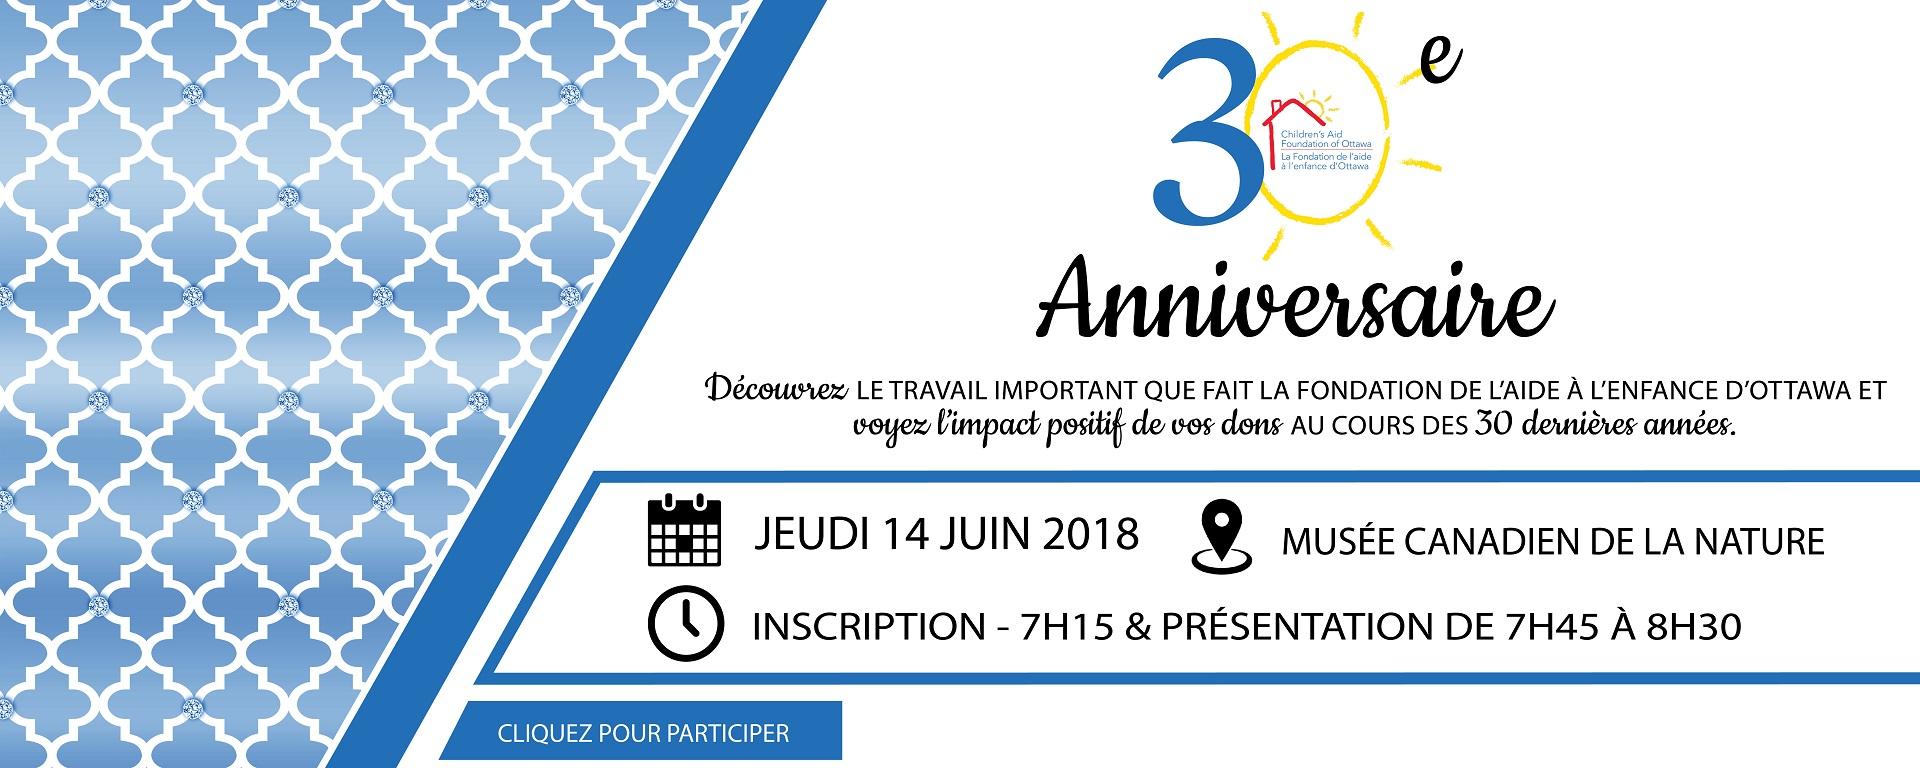 Bannière Web du 30e anniversaire